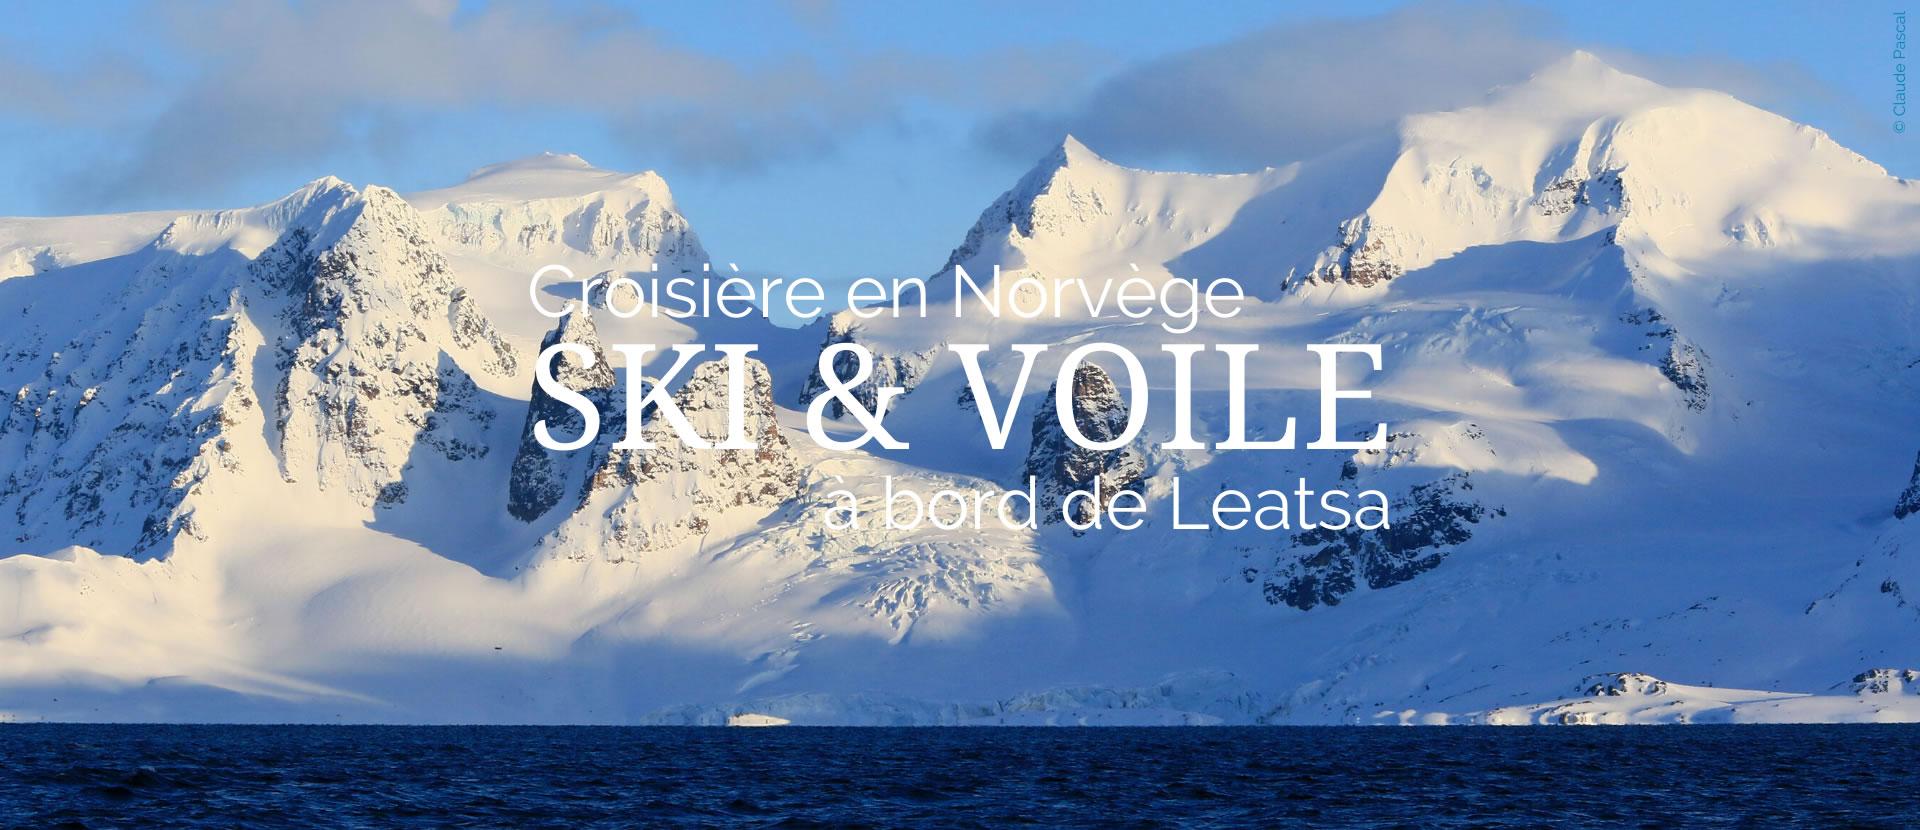 Ski&Voile2020-01